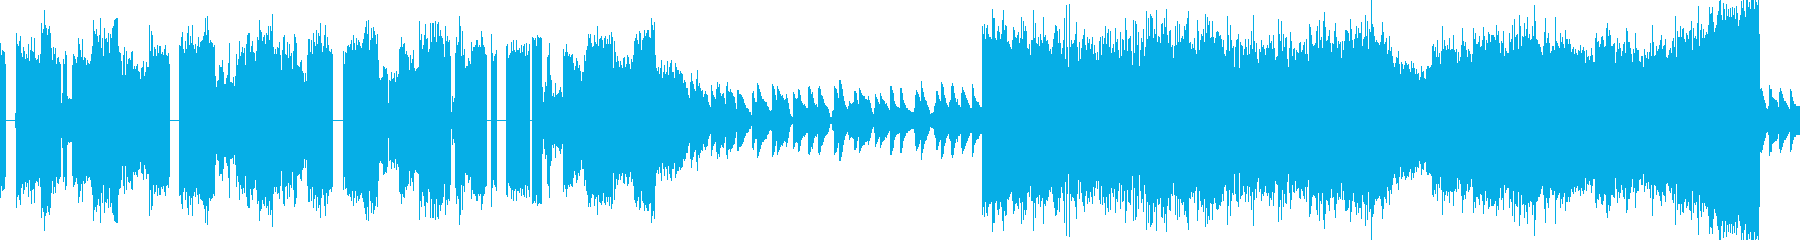 EDMで使われるカットアップされたシンセの再生済みの波形